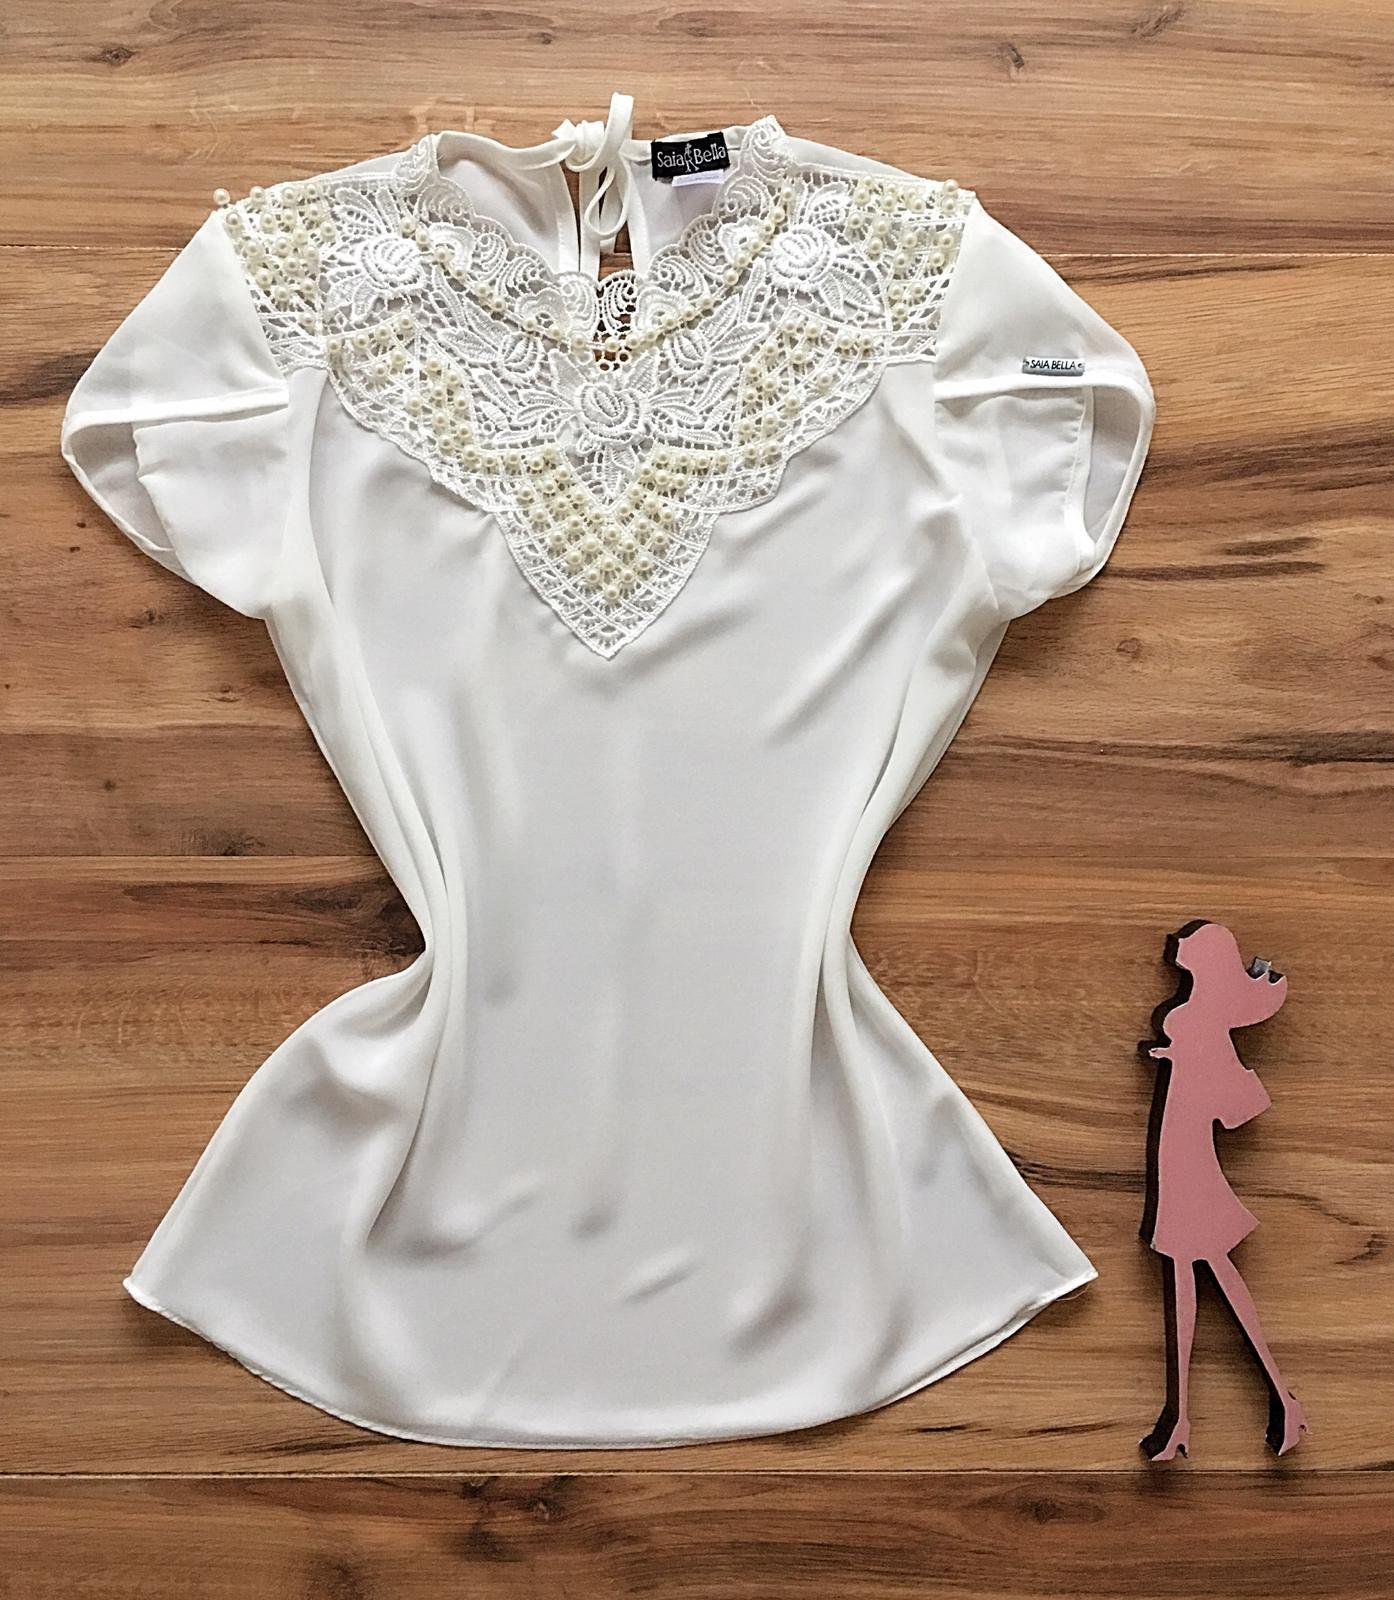 Blusa de Renda Saia Bella - SB9973 branca